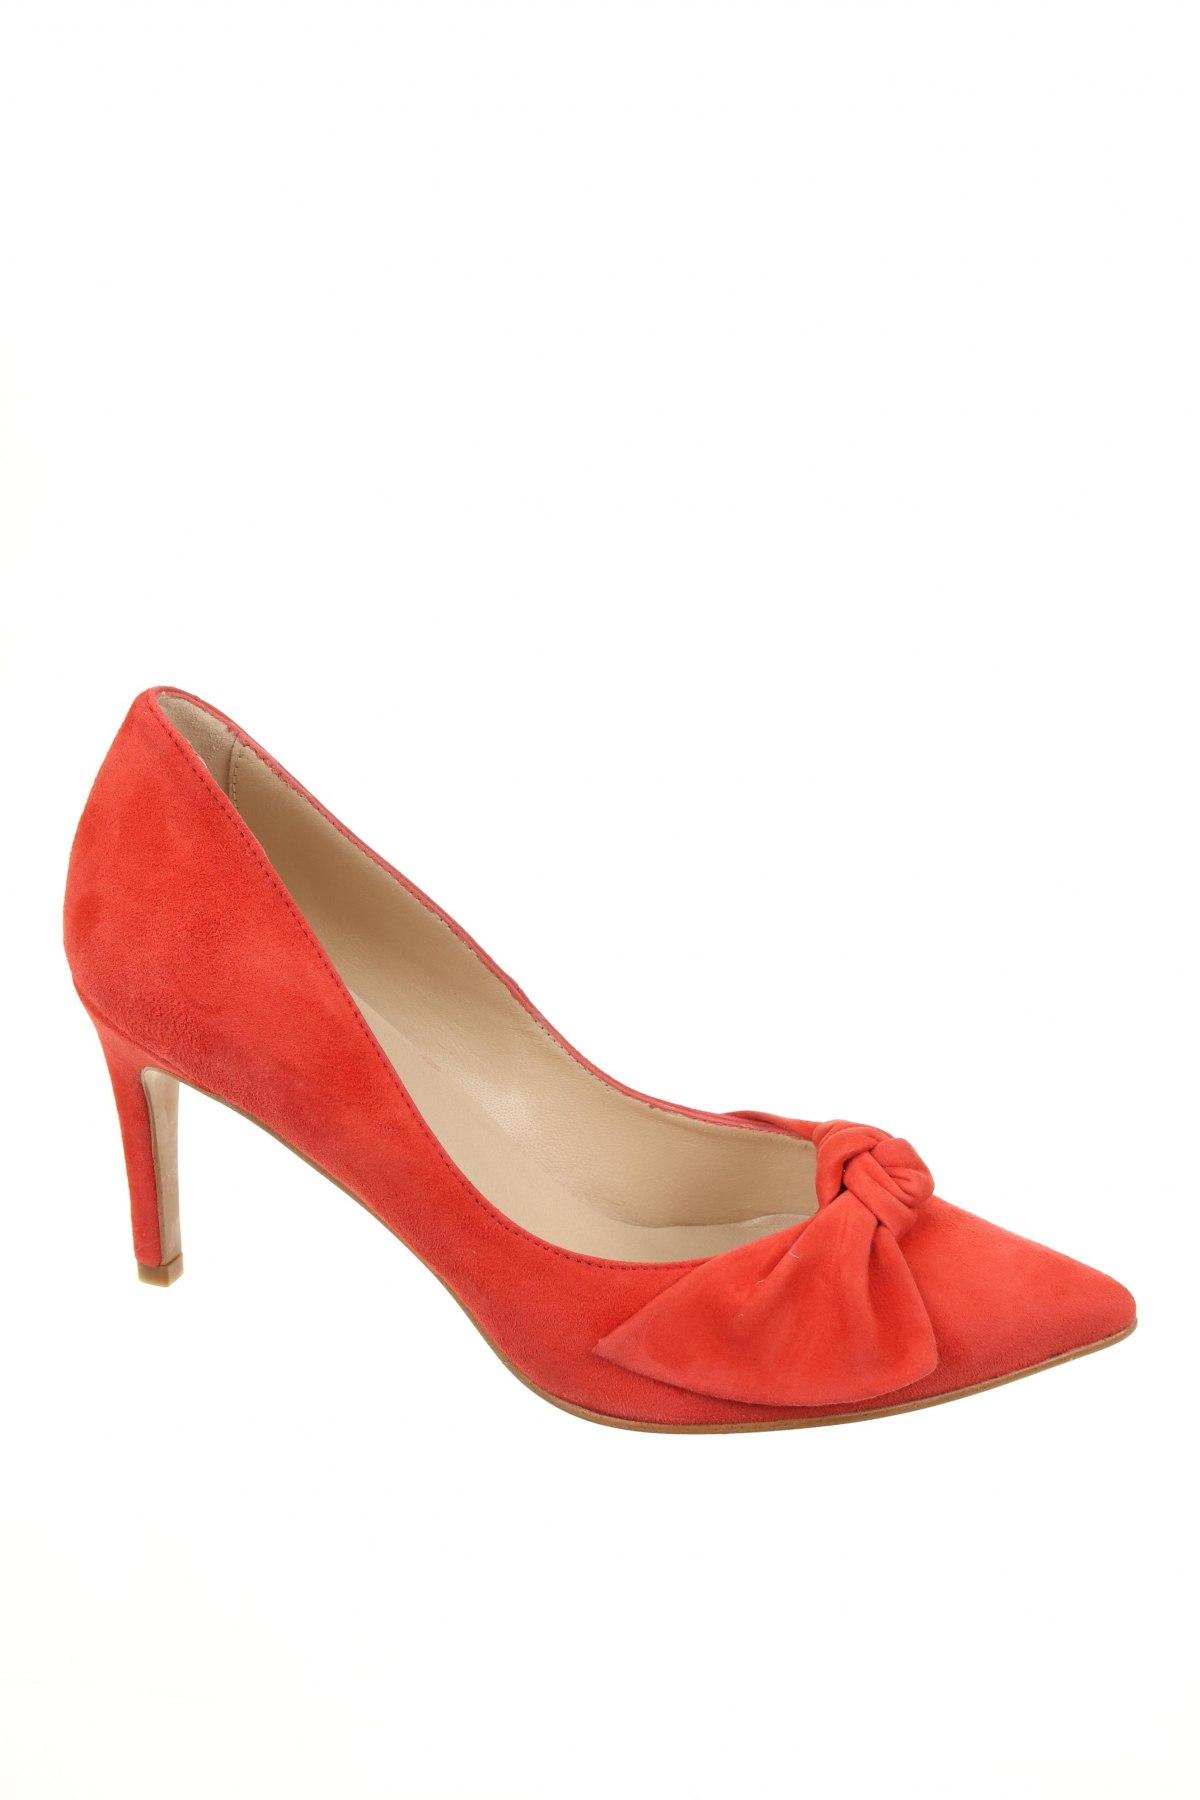 Дамски обувки Elodie, Размер 38, Цвят Оранжев, Естествен велур, Цена 45,22лв.